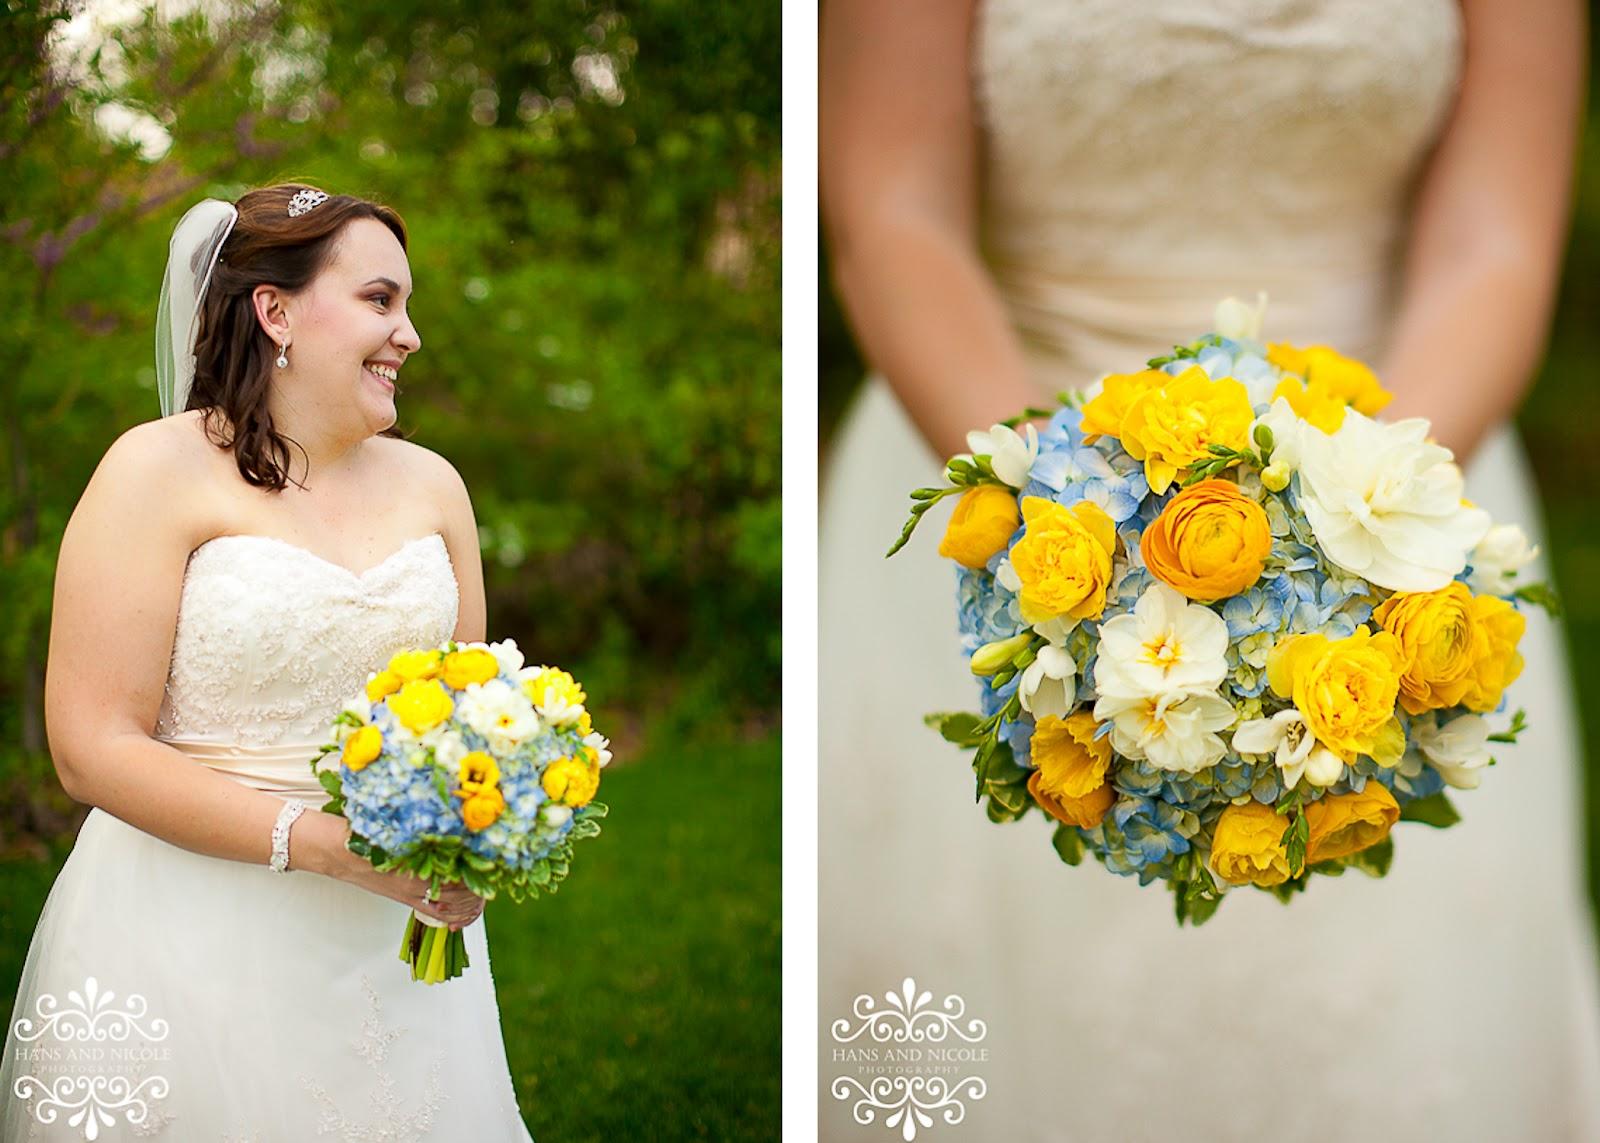 frederick wedding photographers image of bride